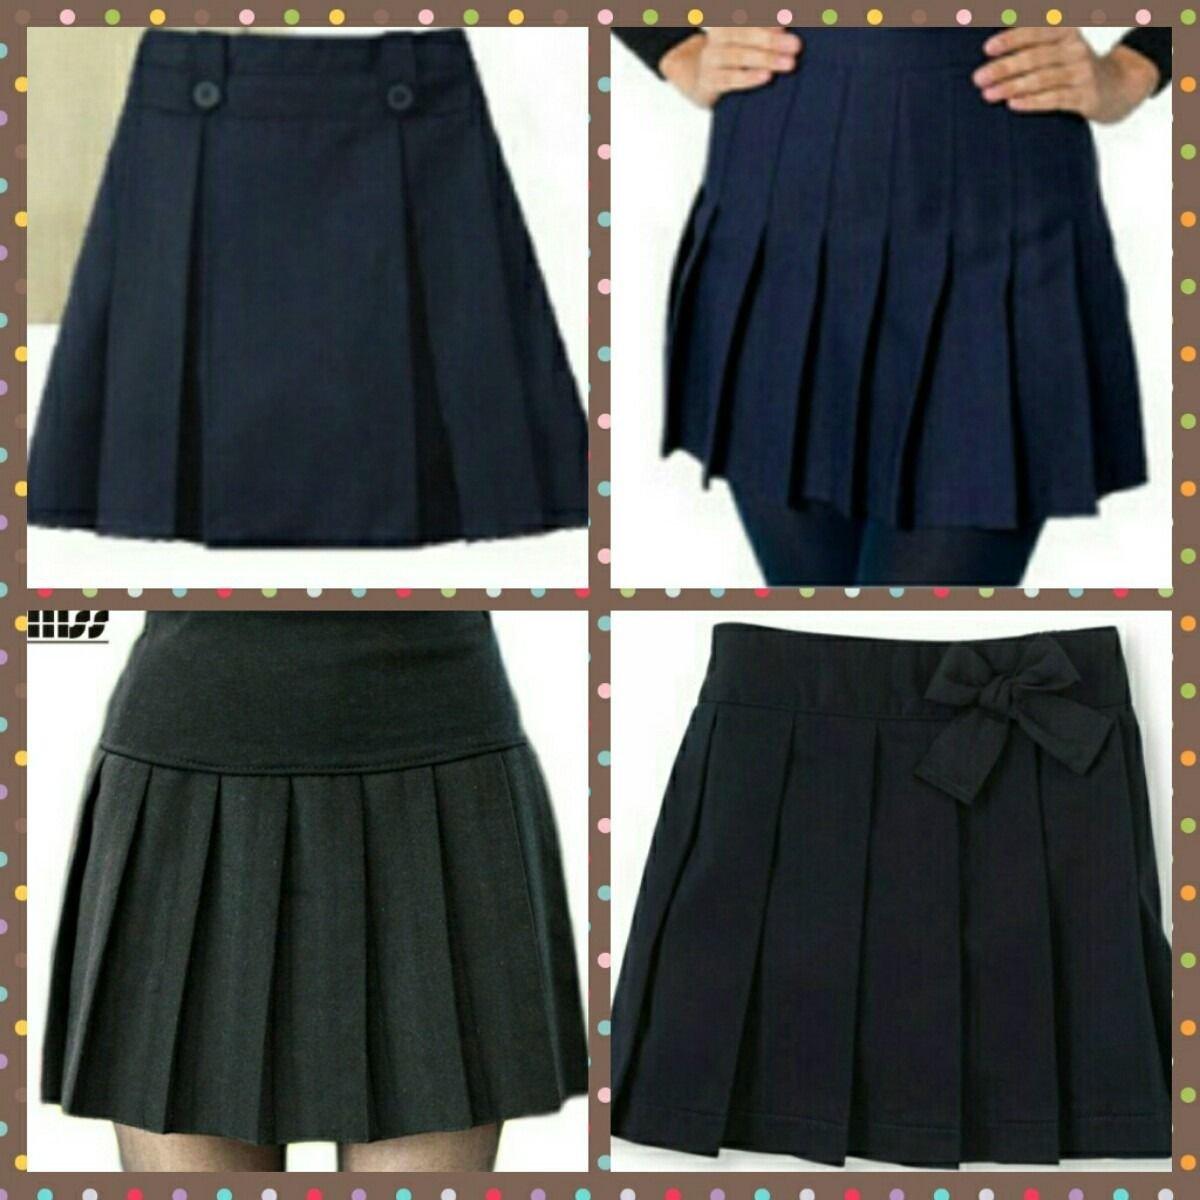 Faldas Escolares En Diferentes Tipos De Plisados